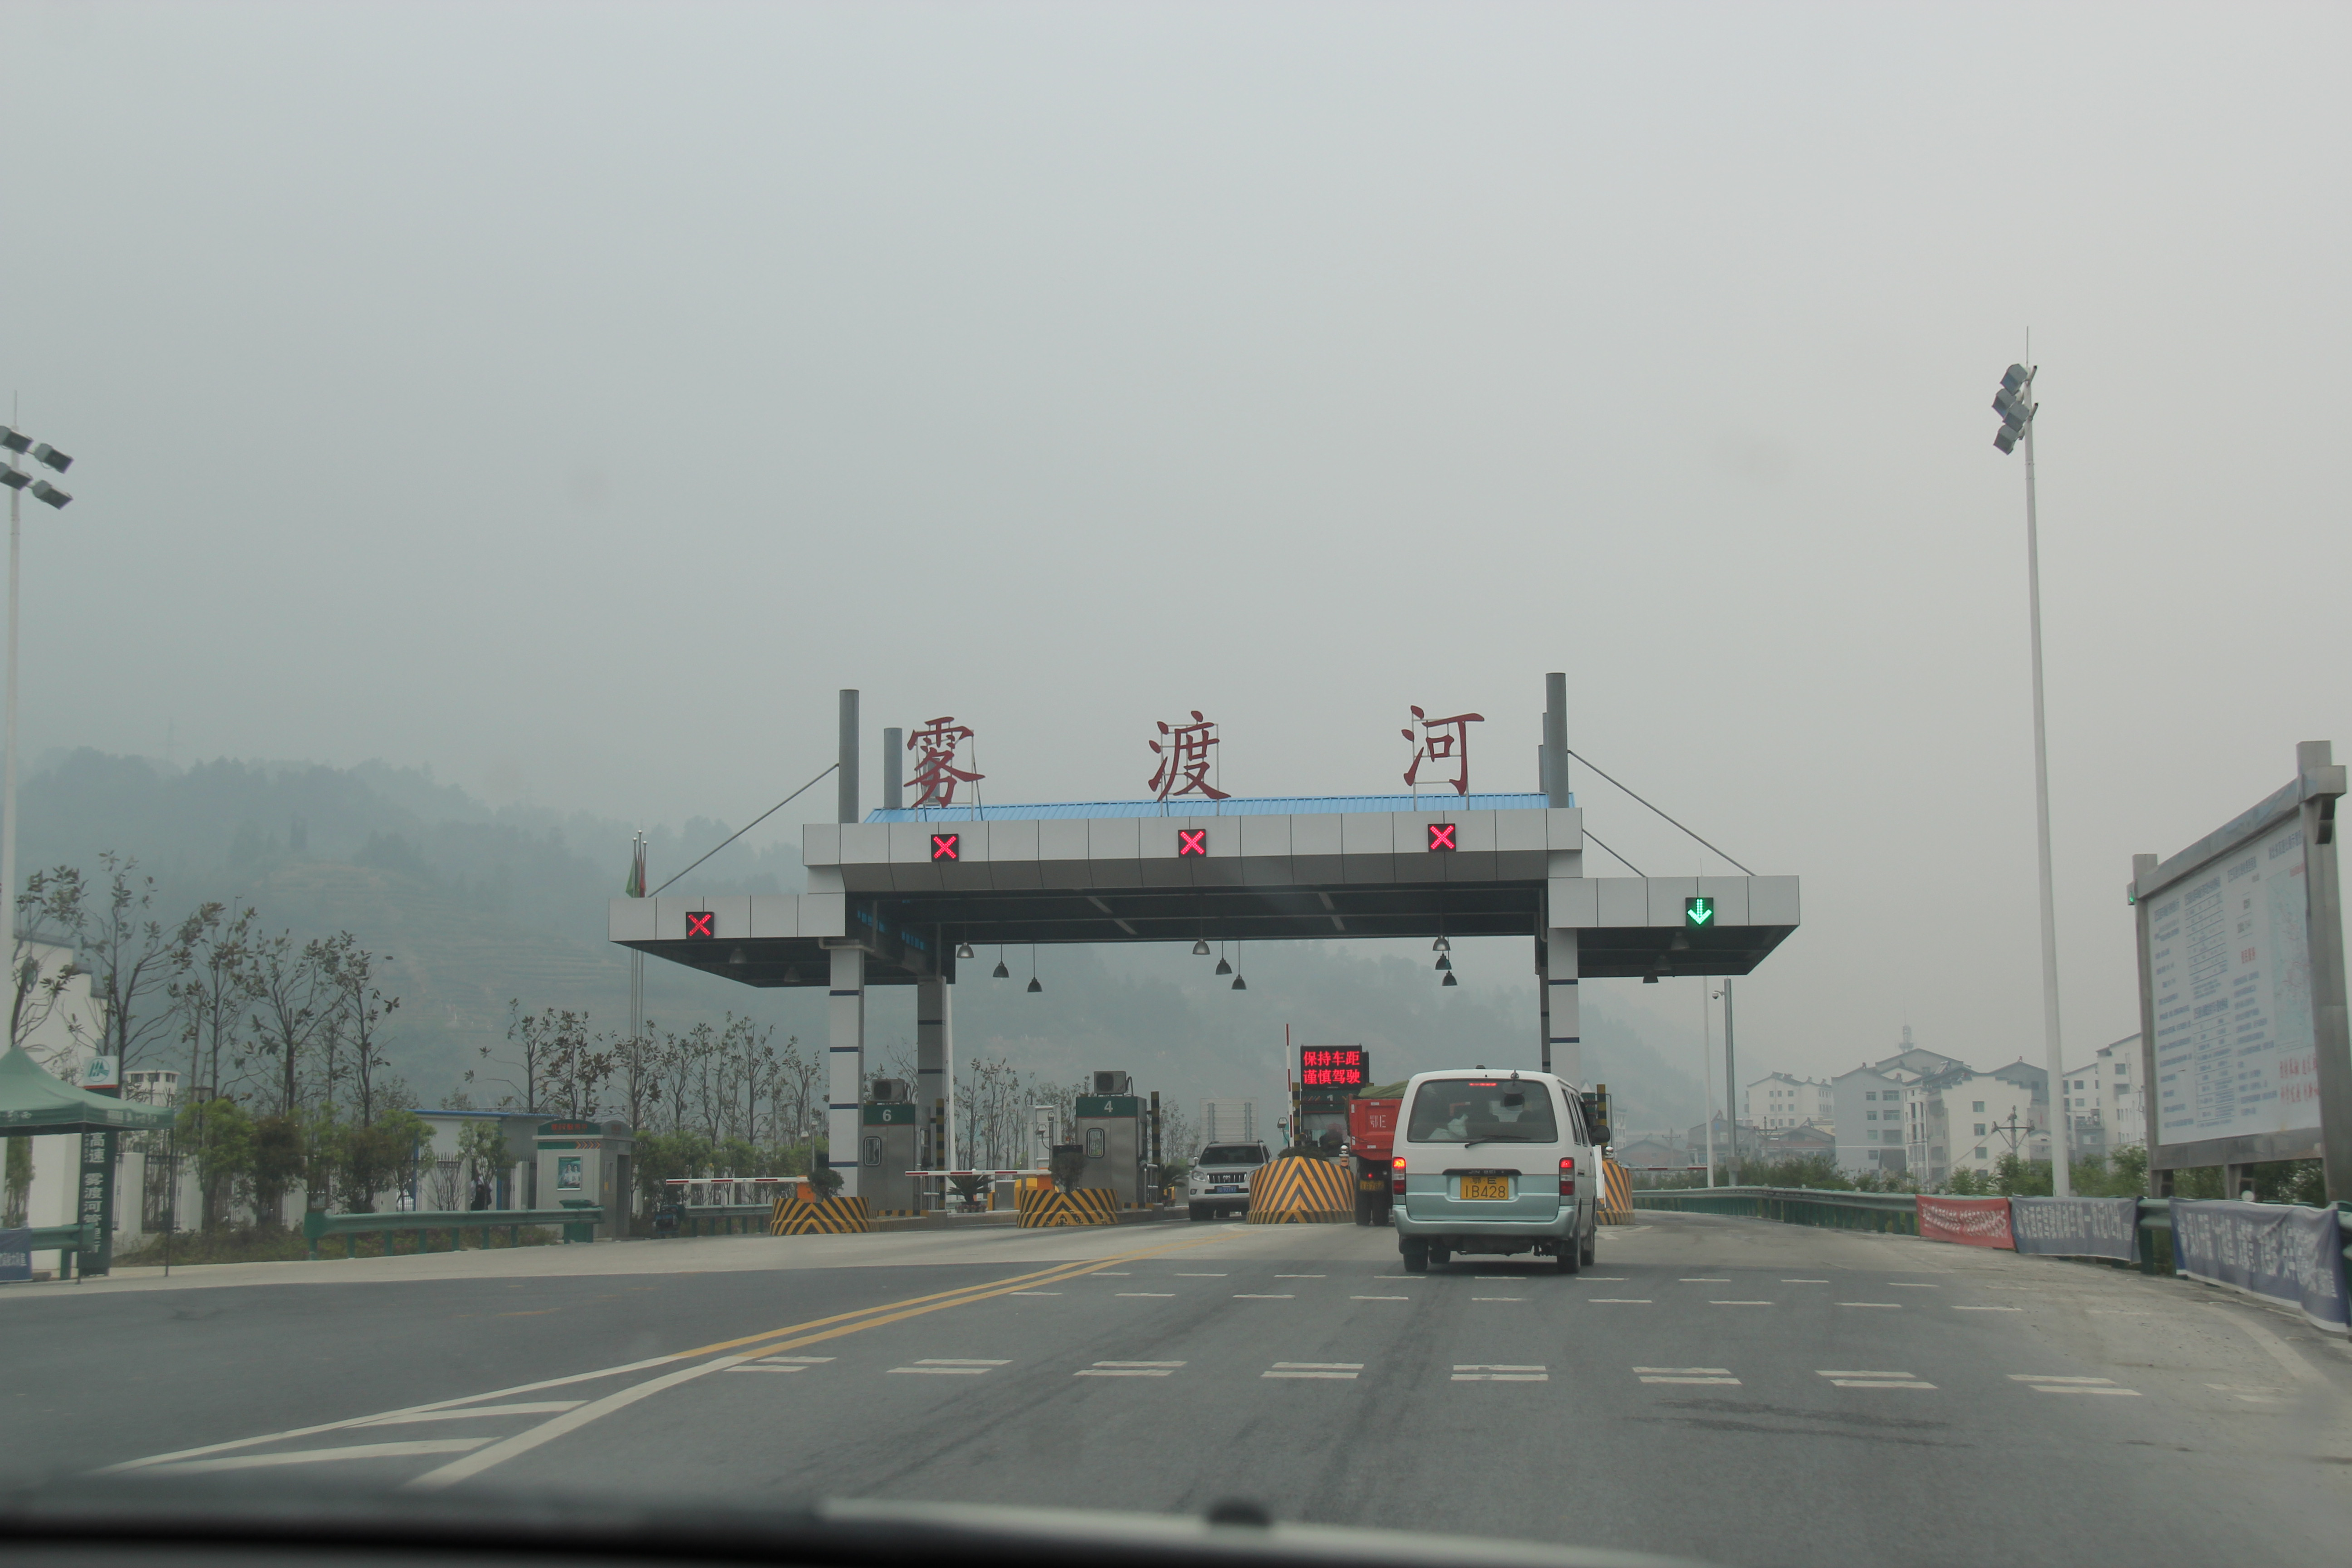 宜昌808城际公交在雾渡河停吗